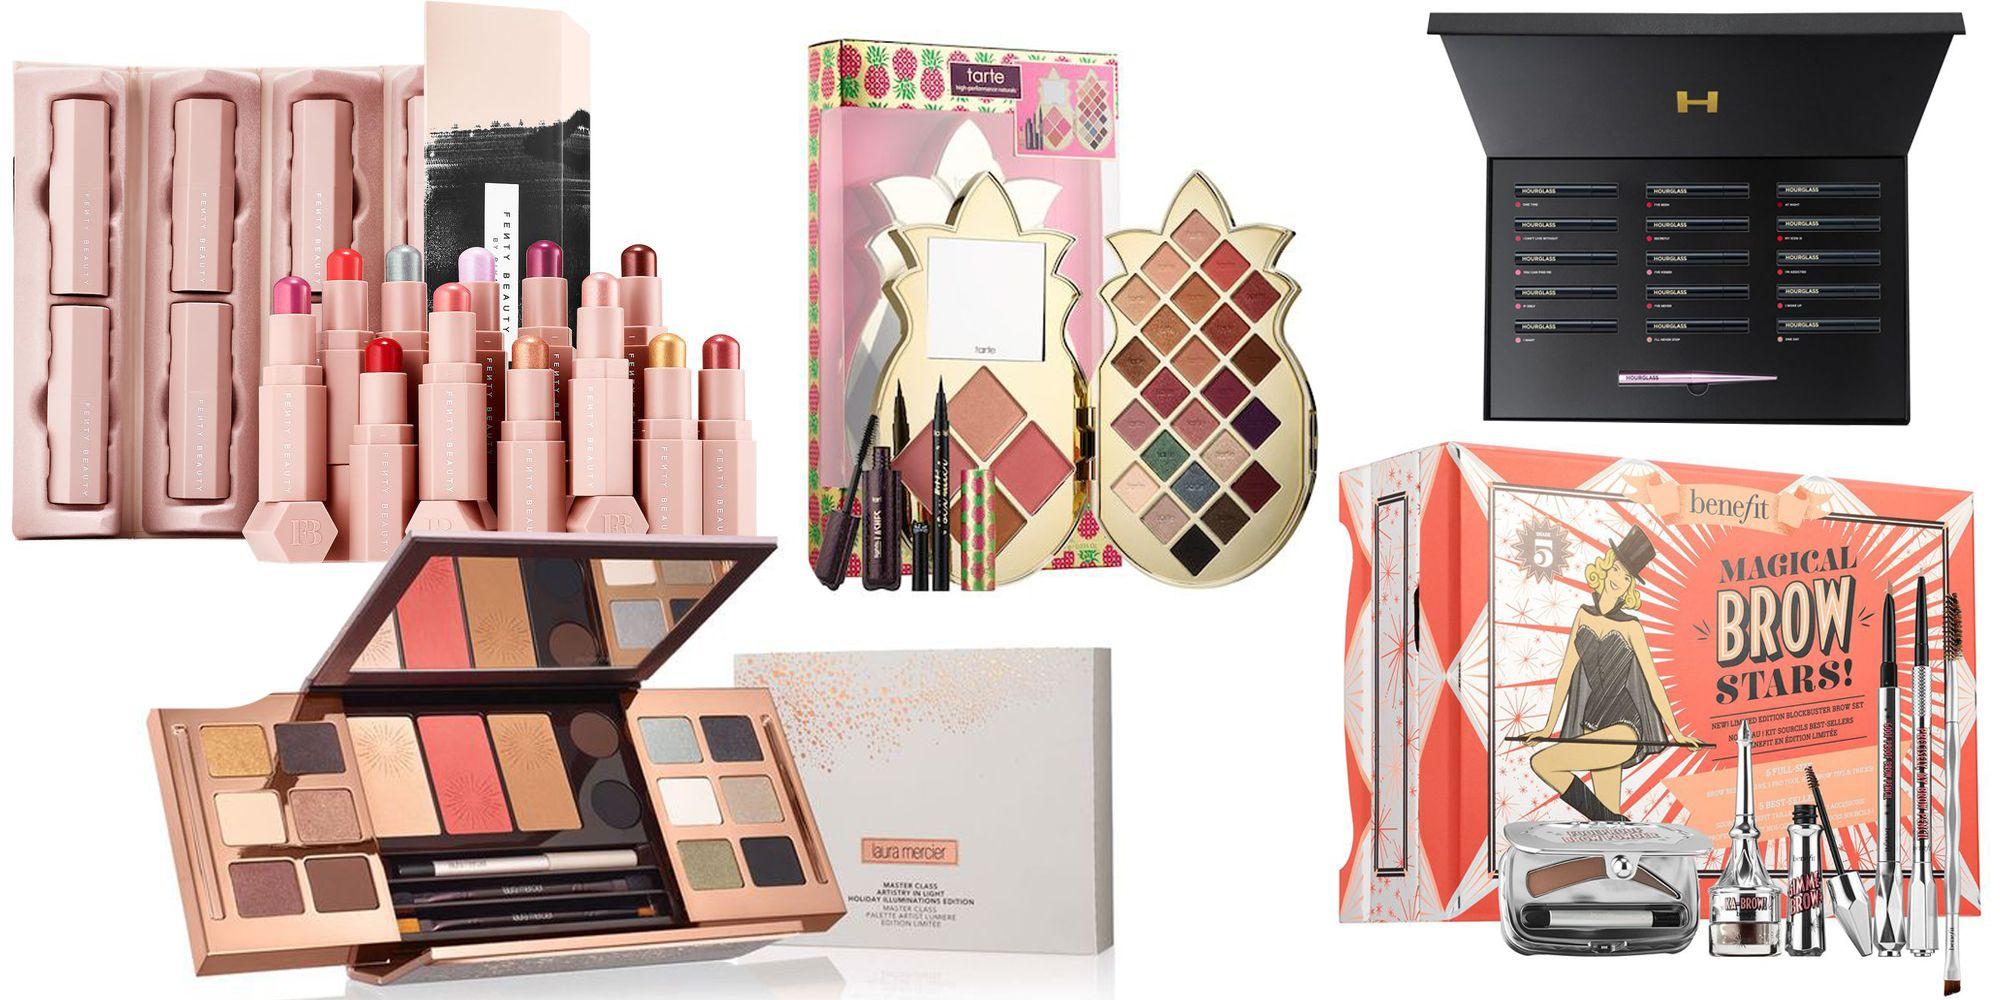 Christmas Makeup Gift Sets.20 Christmas Holiday Makeup Sets To Gift This Season Trending